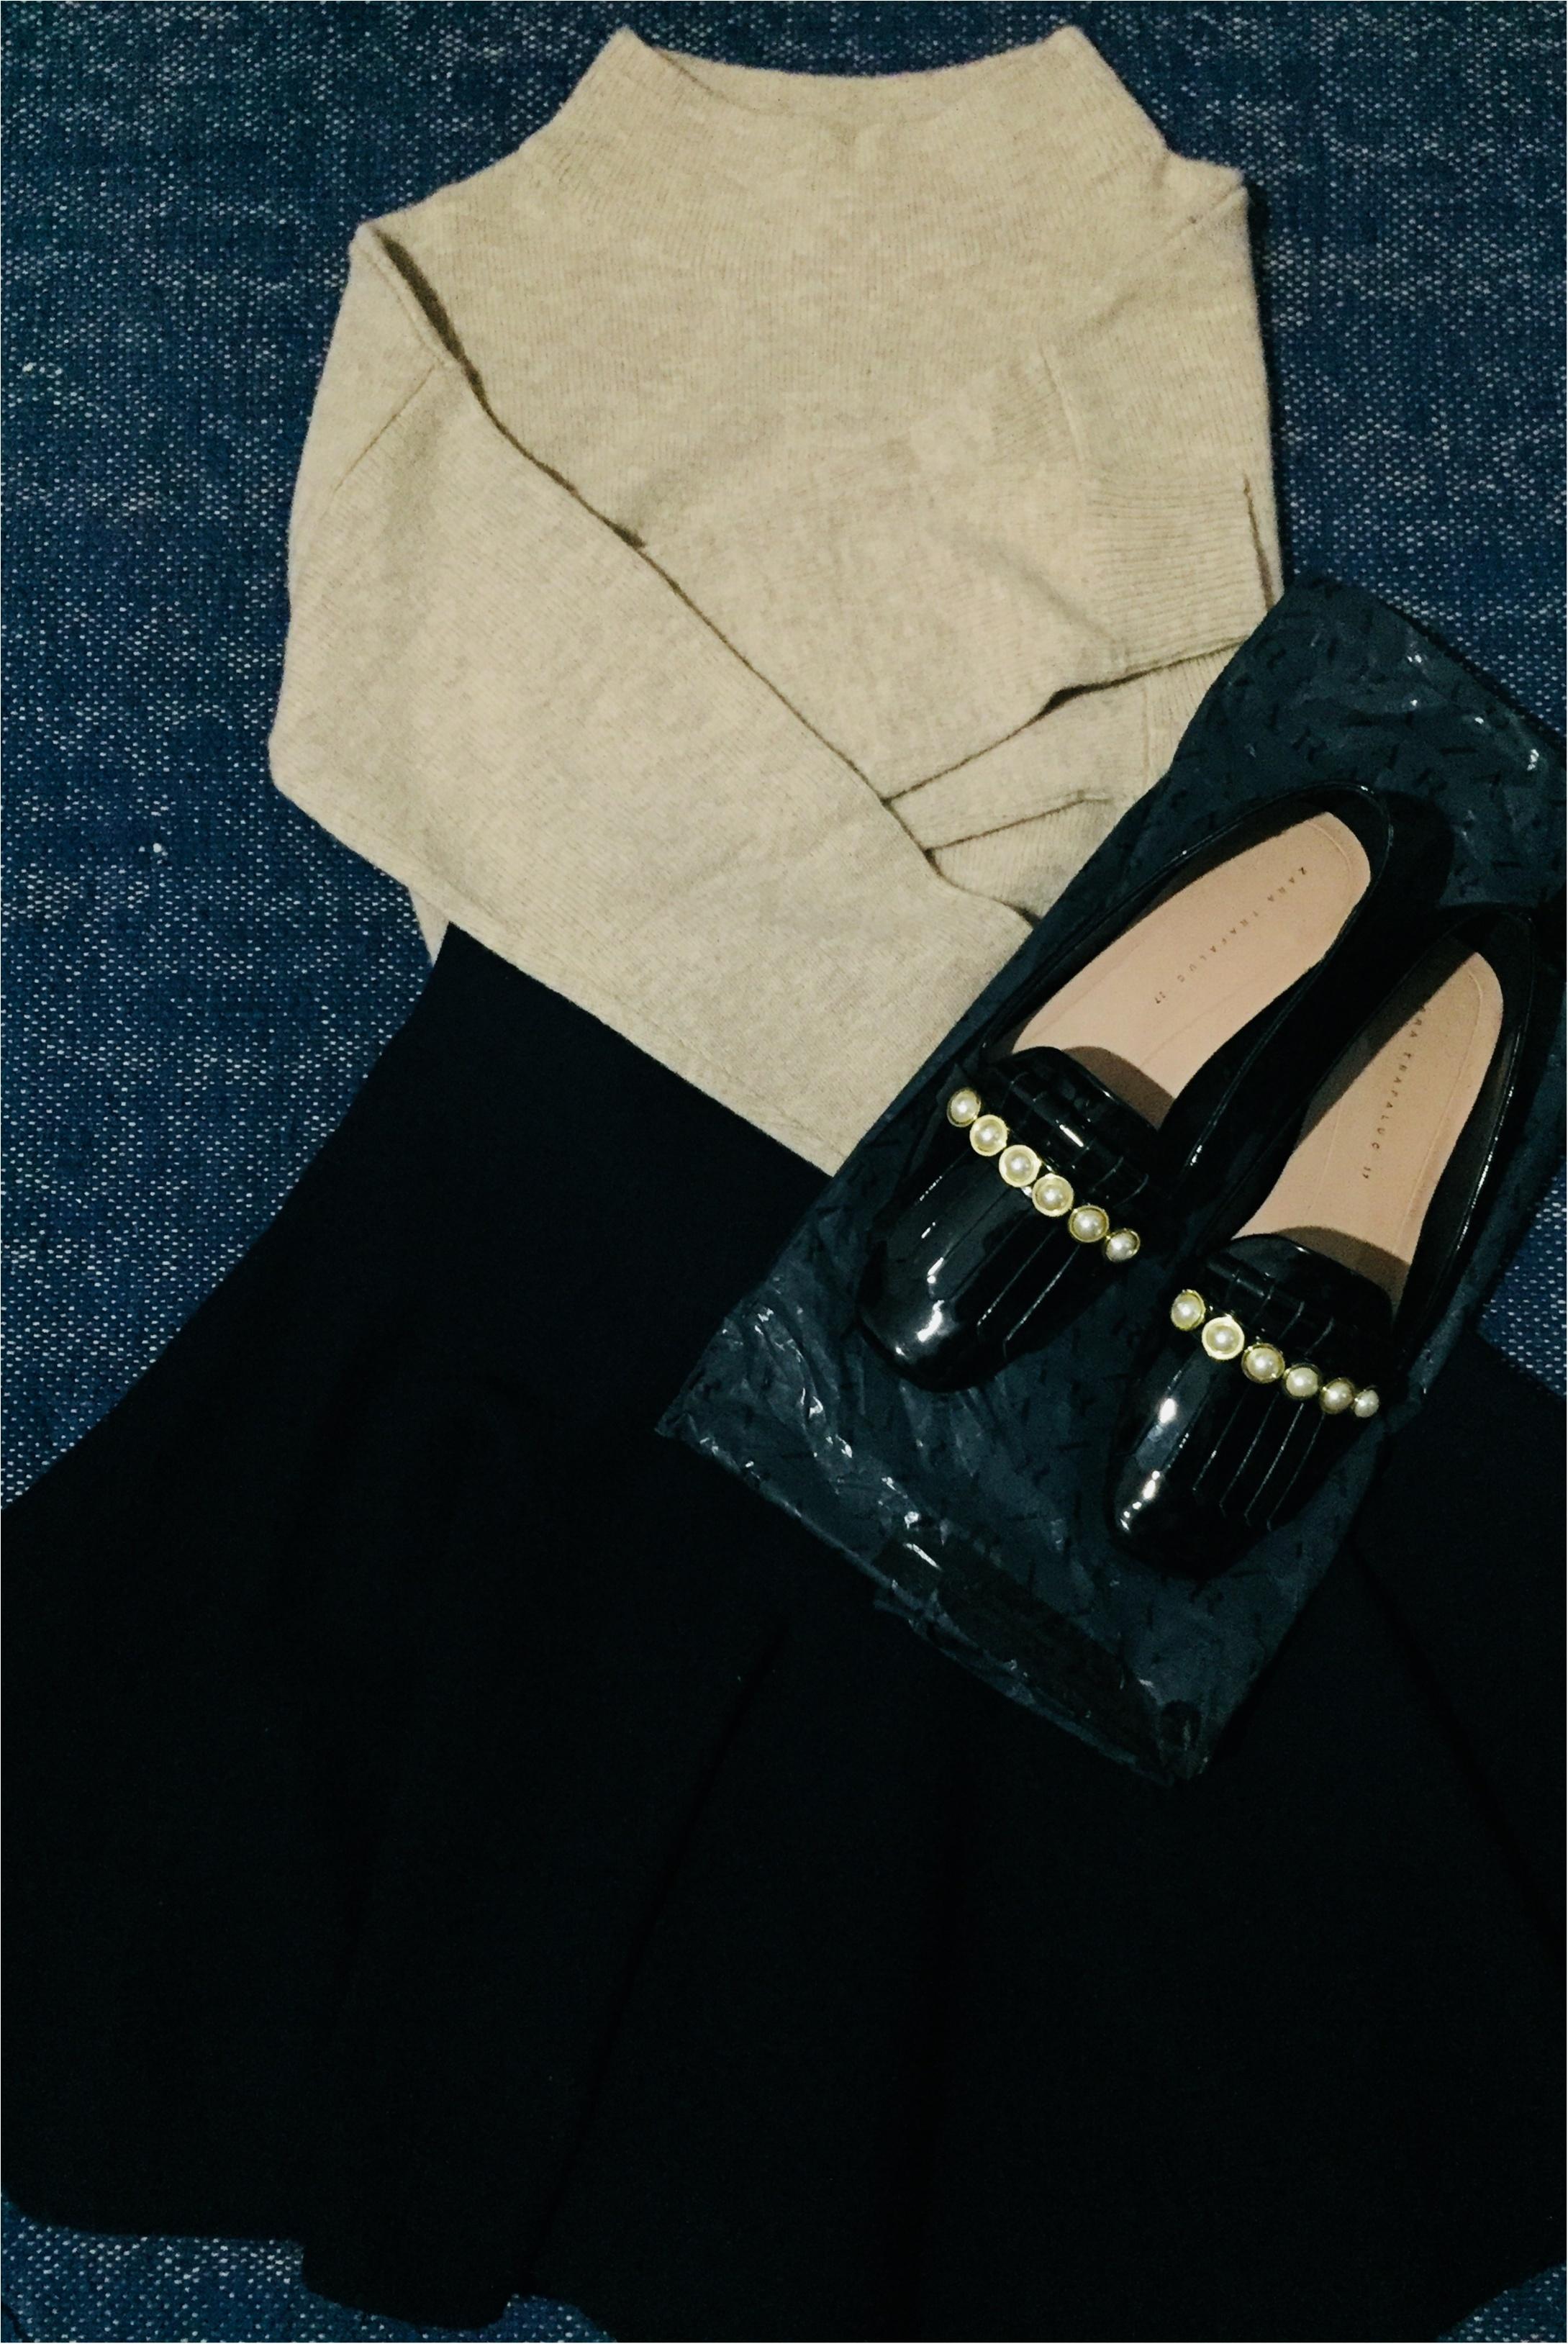 【UNIQLO de お買い物❤︎】寒い冬の気分を上げる!形がキレイ&明るい色のニットを買い足しました✌︎_4